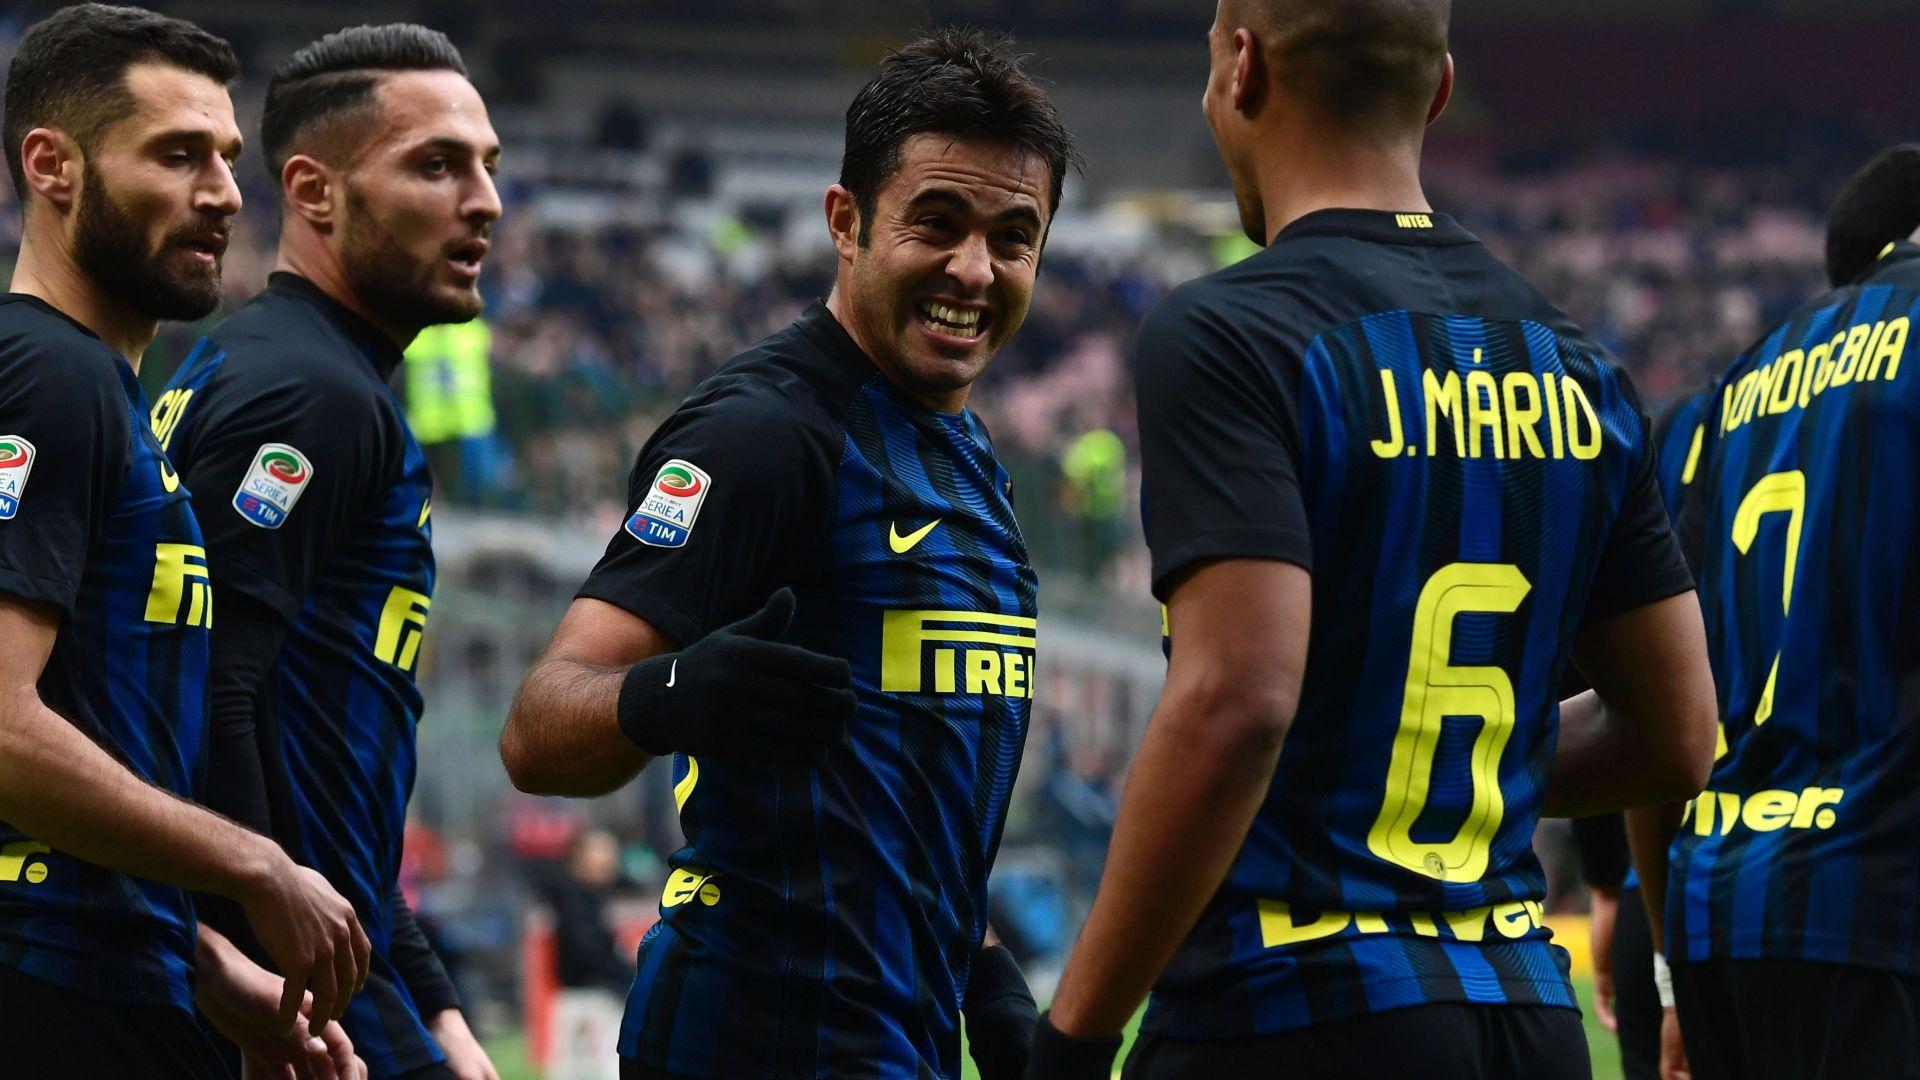 Eder Inter Empoli Serie A